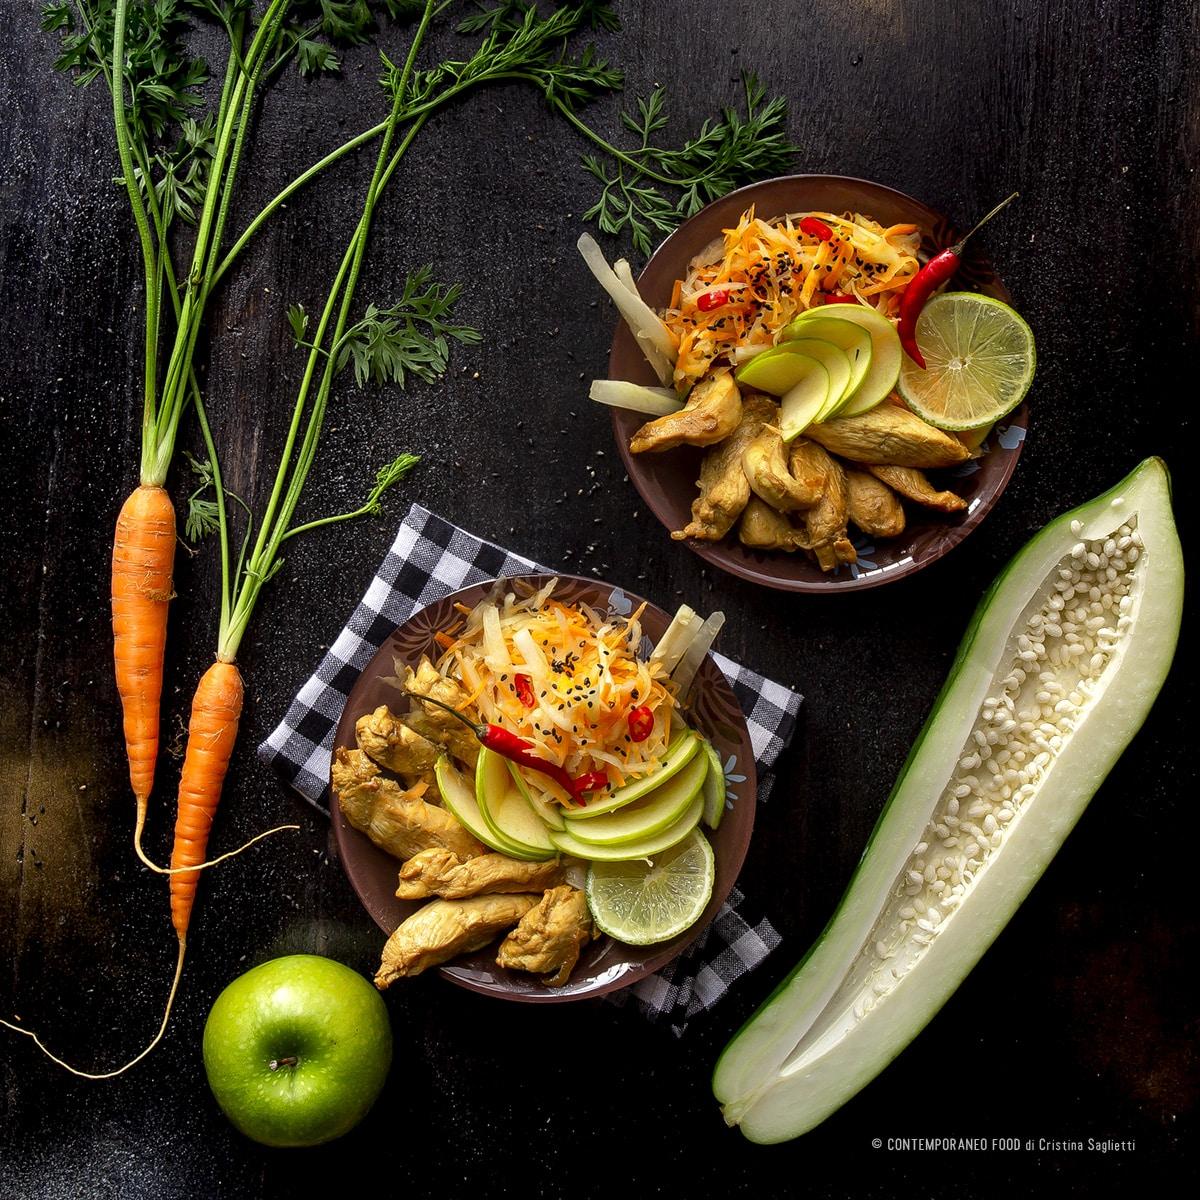 insalata-di-papaya-verde-mela-verde-carote-pollo-ricetta-light-dieta-facile-ricetta-facile-veloce-dieta-contemporaneofood